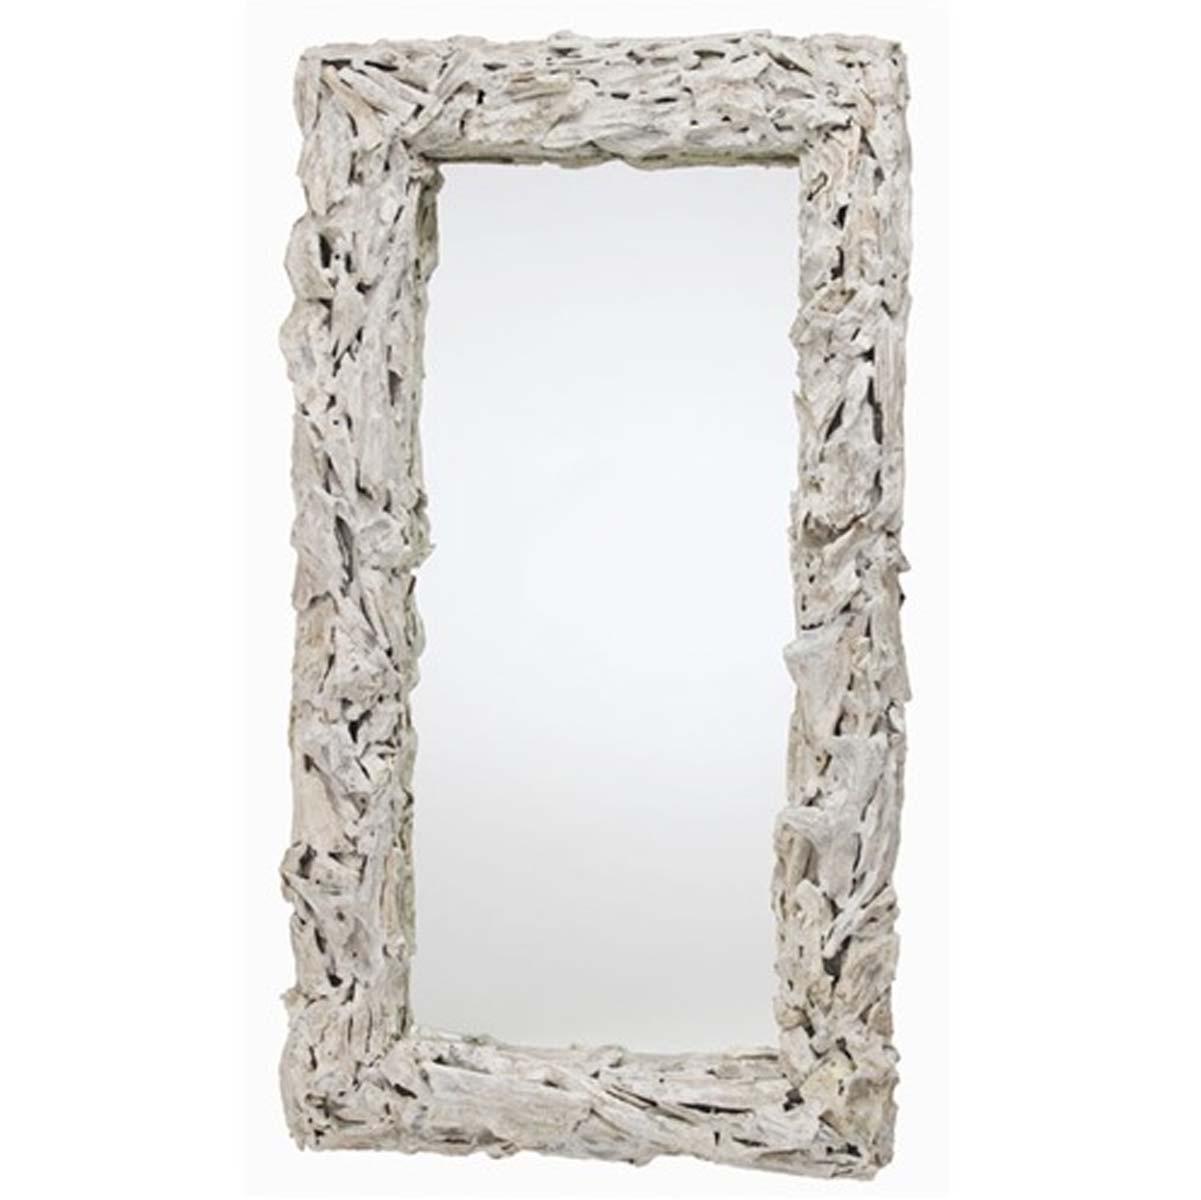 100 mirror frames driftwood mirror frames custom wood frame